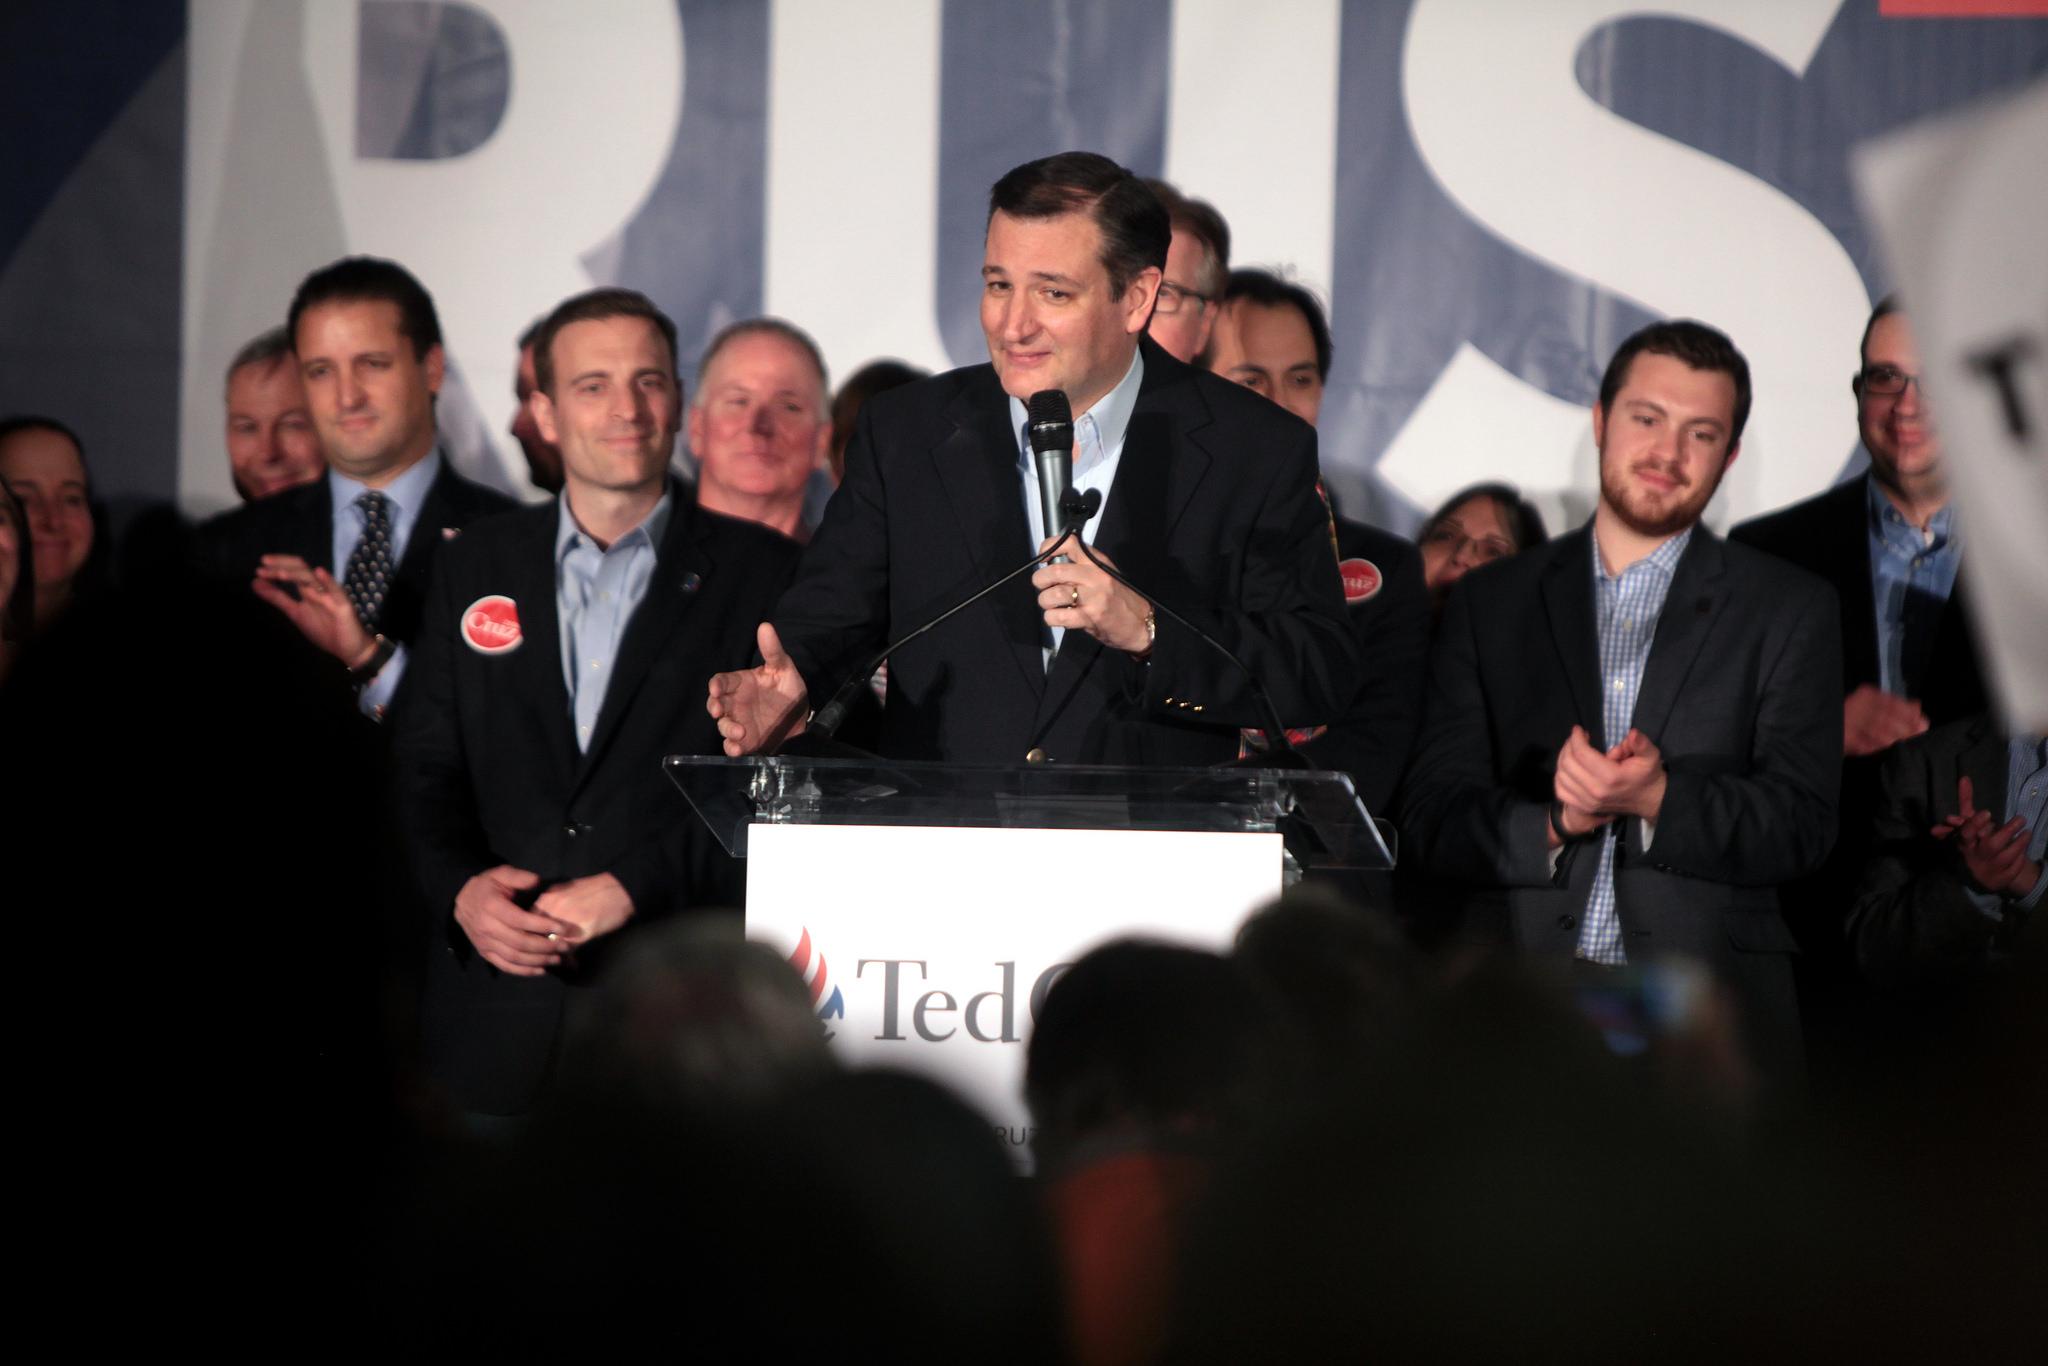 Ted Cruz på valmöte i Nevada. (Foto: Gage Skidmore CC BY-SA 2.0)